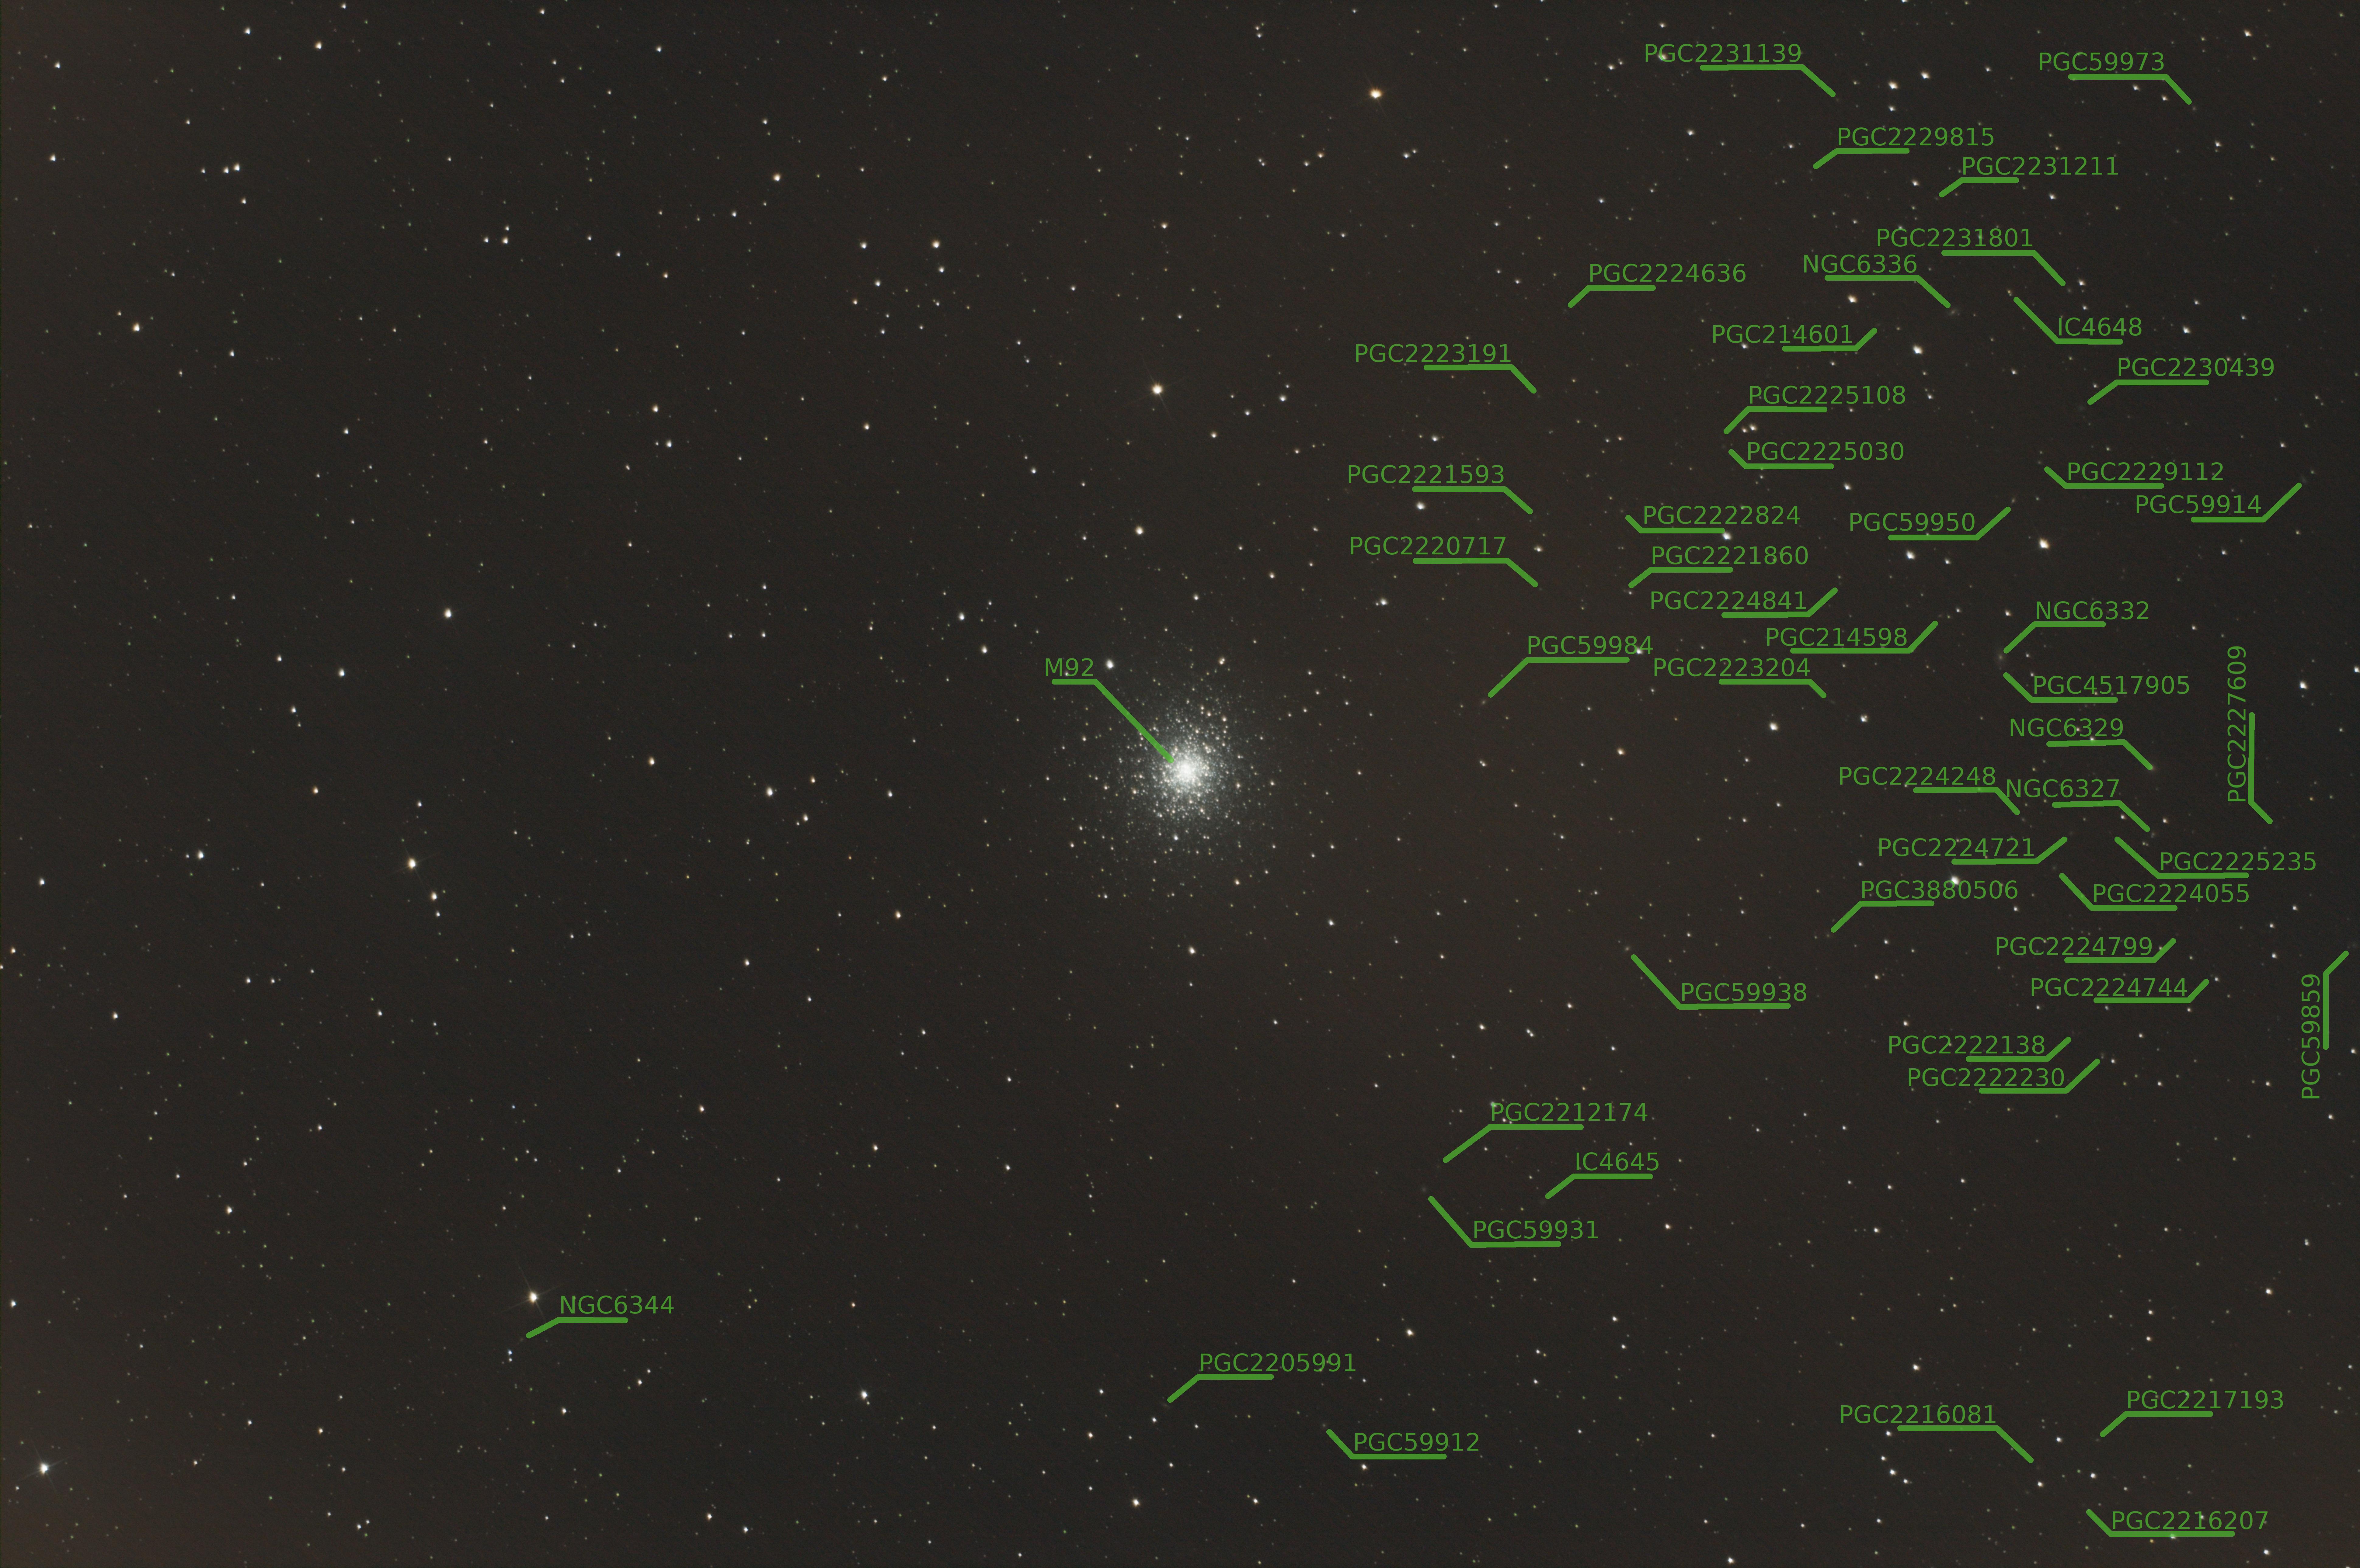 M92 - Le petit amas d'Hercule 0010.2b.M92.commenter